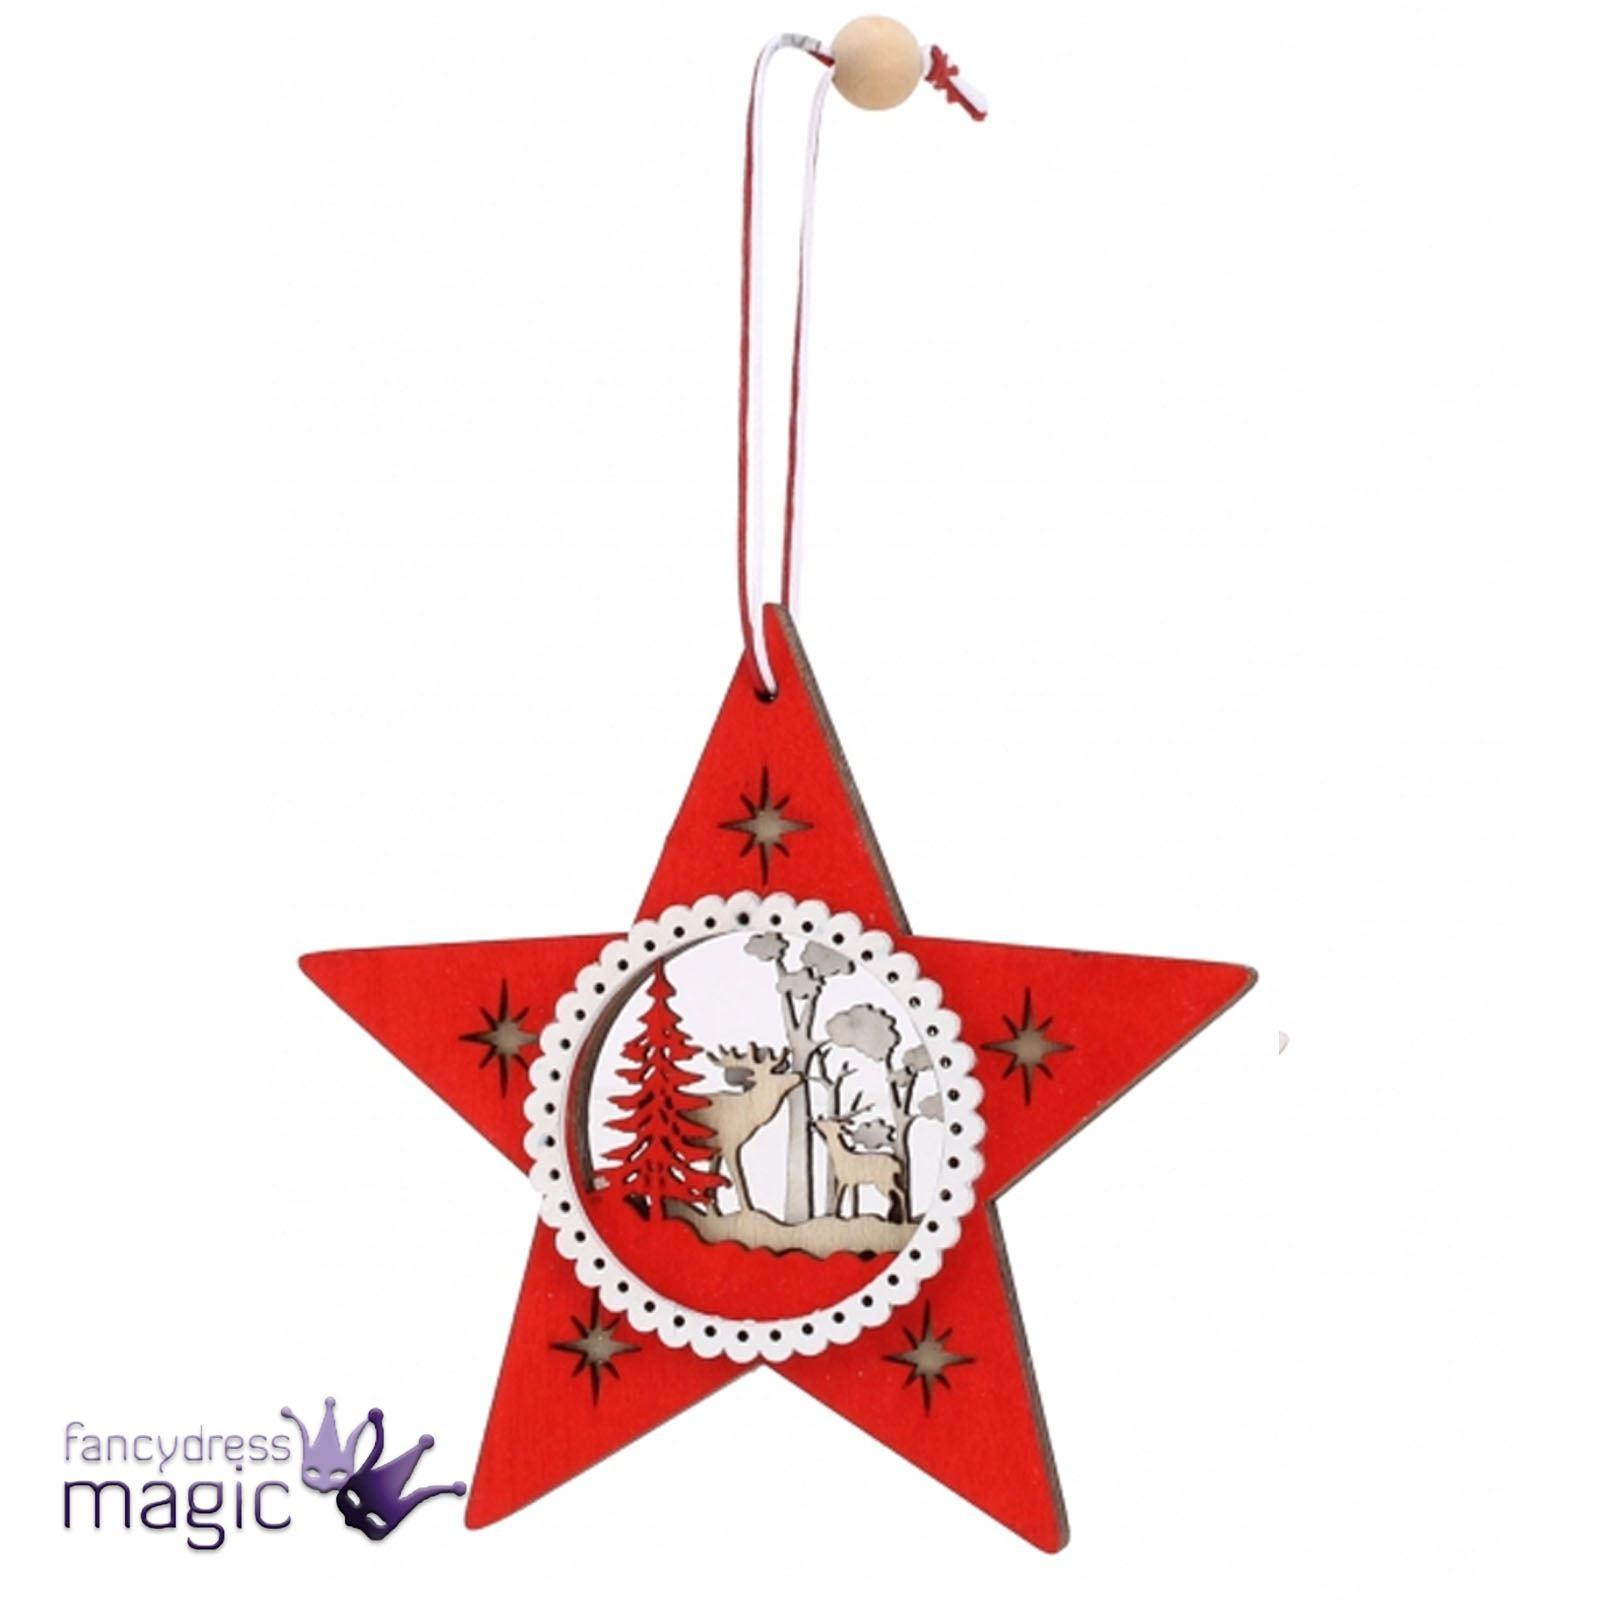 Madera-Corte-Navidad-Escena-Festivo-Tradicional-Estrella-arbol